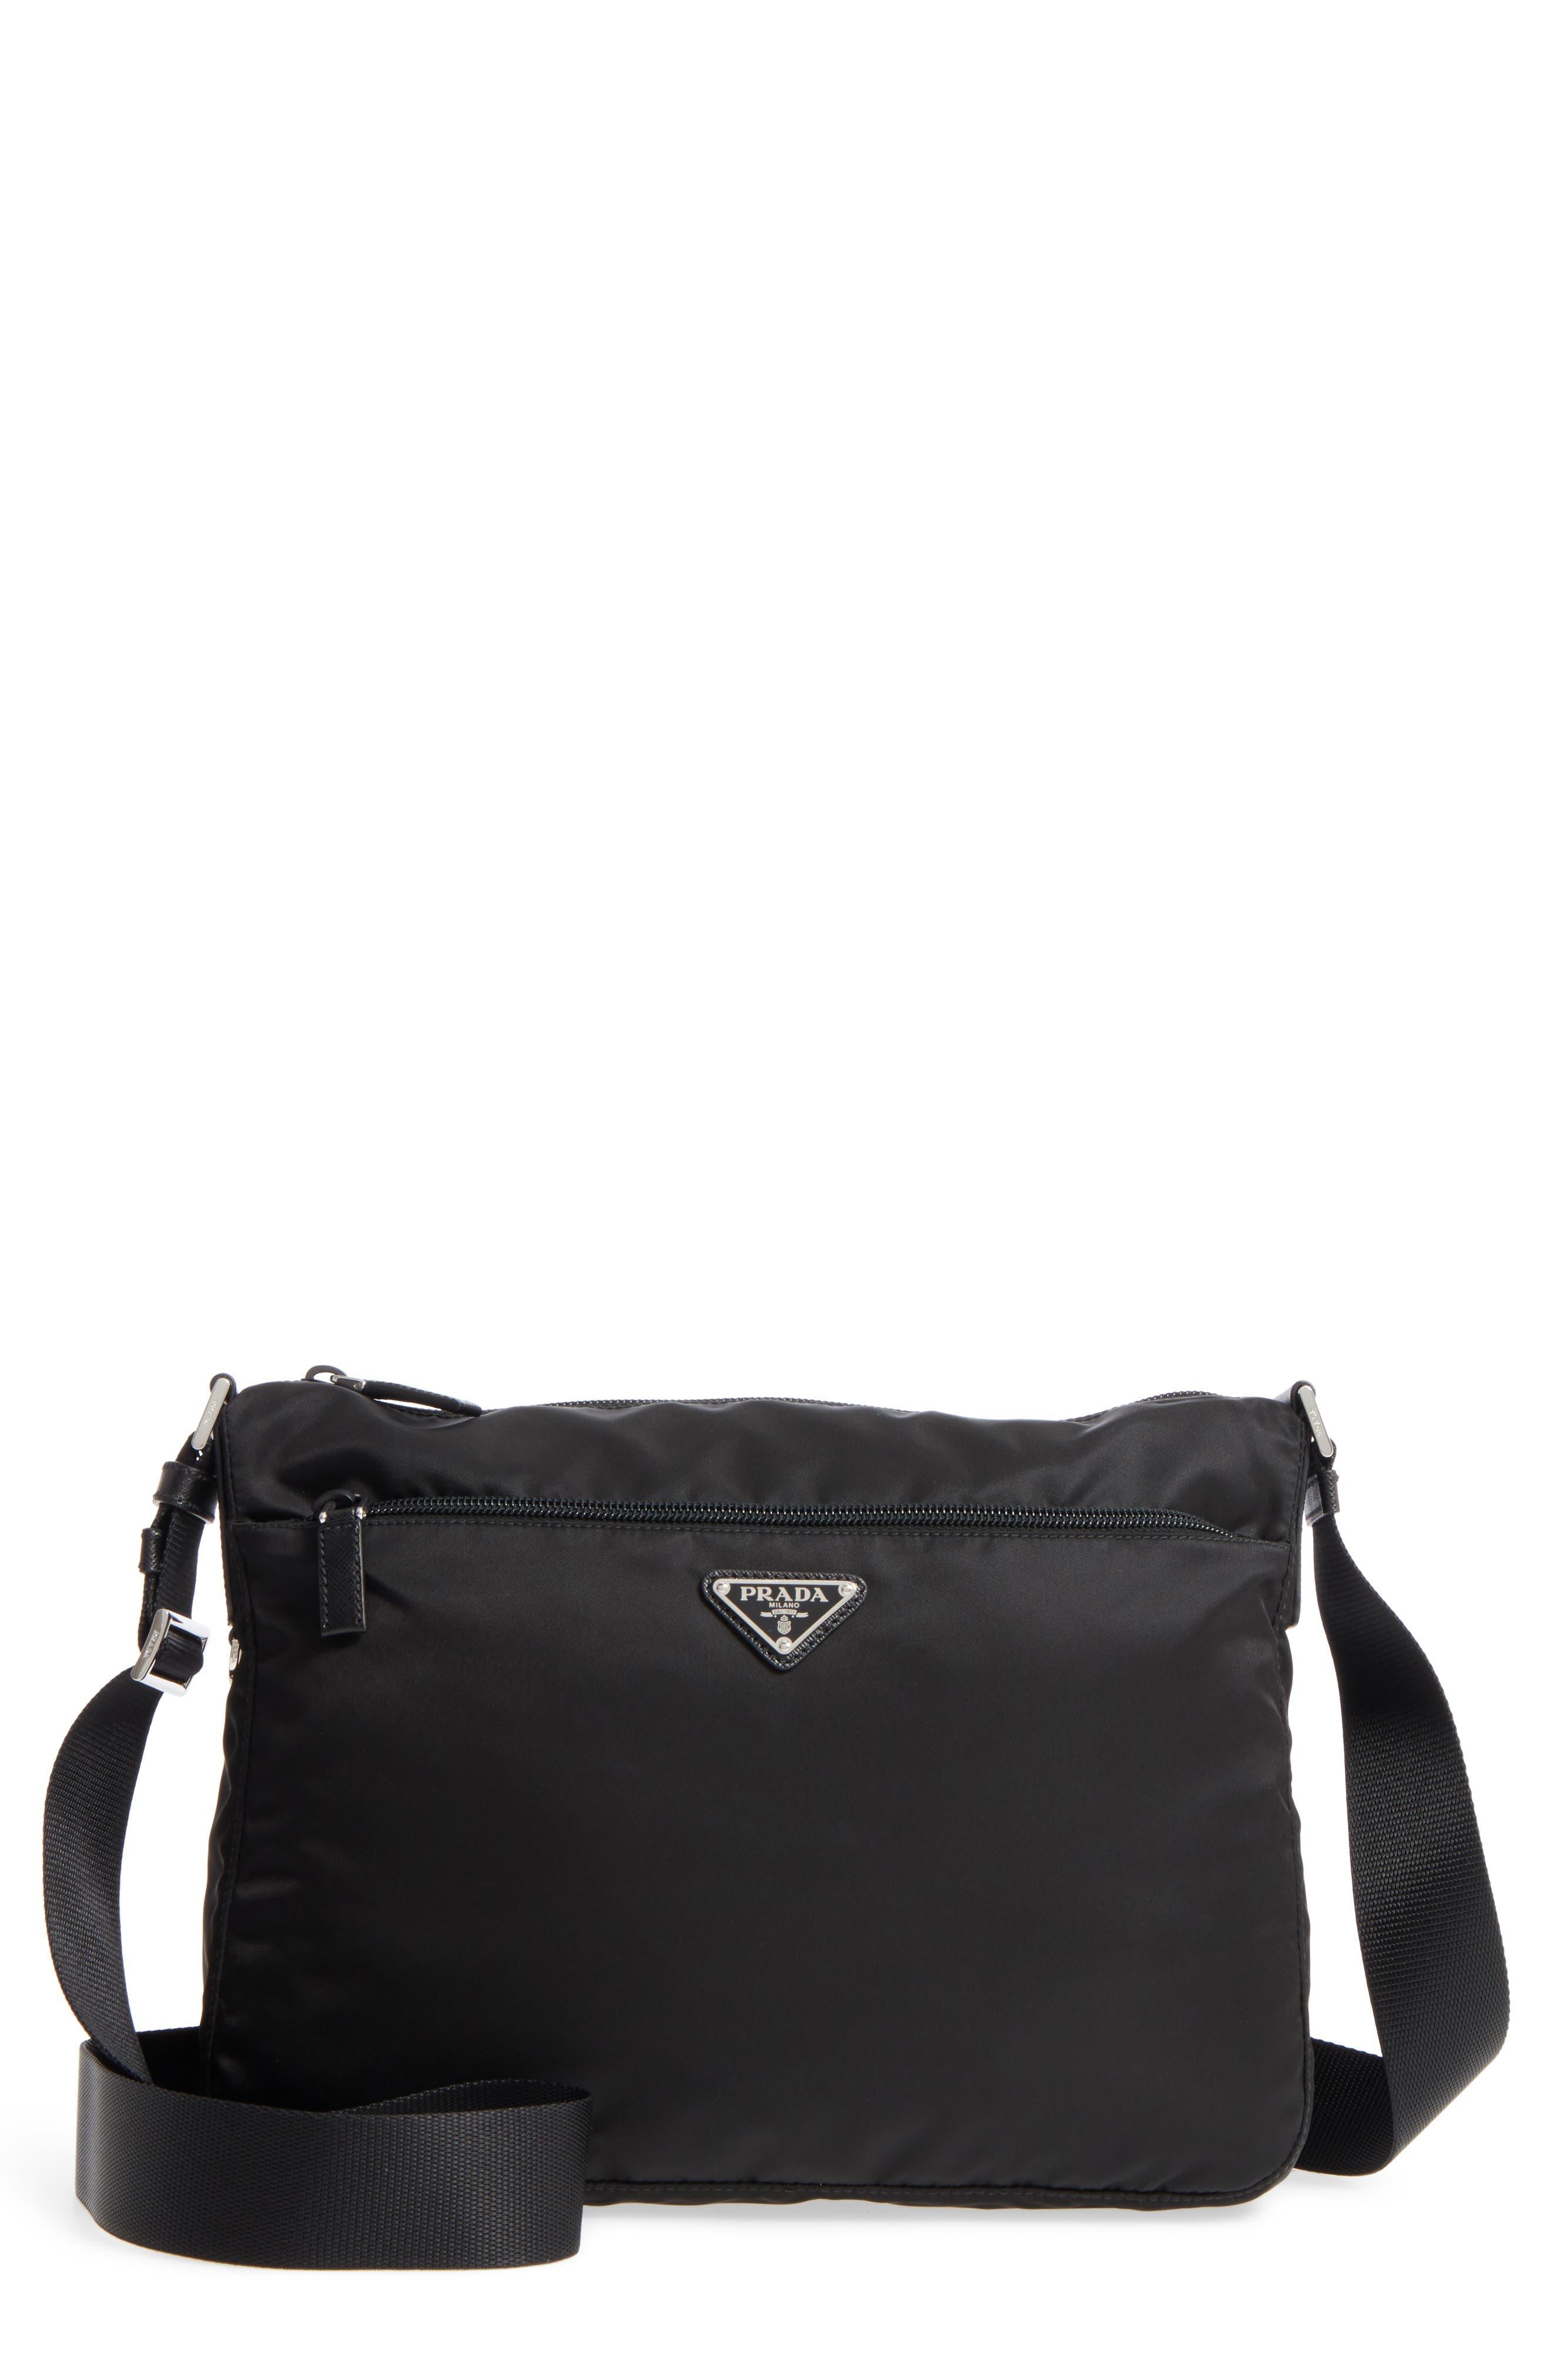 79c25c5a4f813e Prada Crossbody Bags | Nordstrom